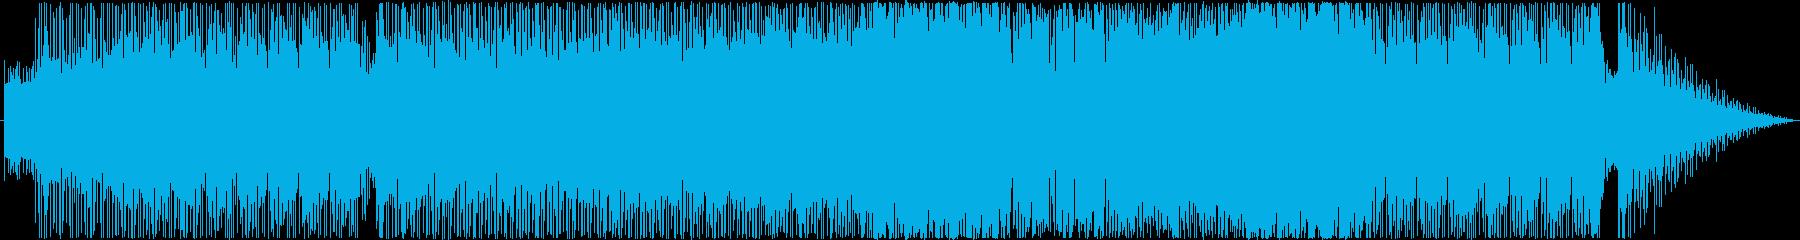 シャッフルビートのファンキーな曲の再生済みの波形